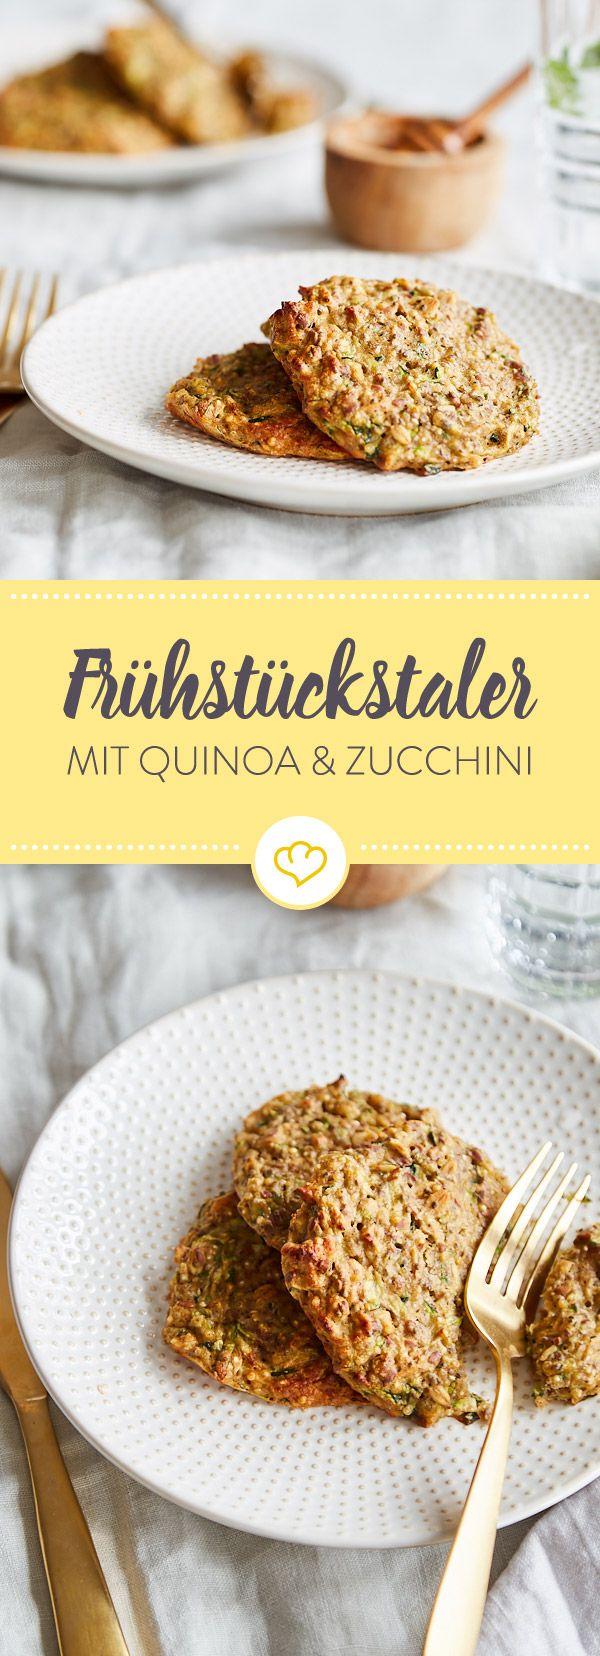 Abends vorbereiten, morgens sofort vernaschen - mit diesen Zucchini-Quinoa-Talern lassen sich auch Frühstücksmuffel morgens zum Naschen überreden.